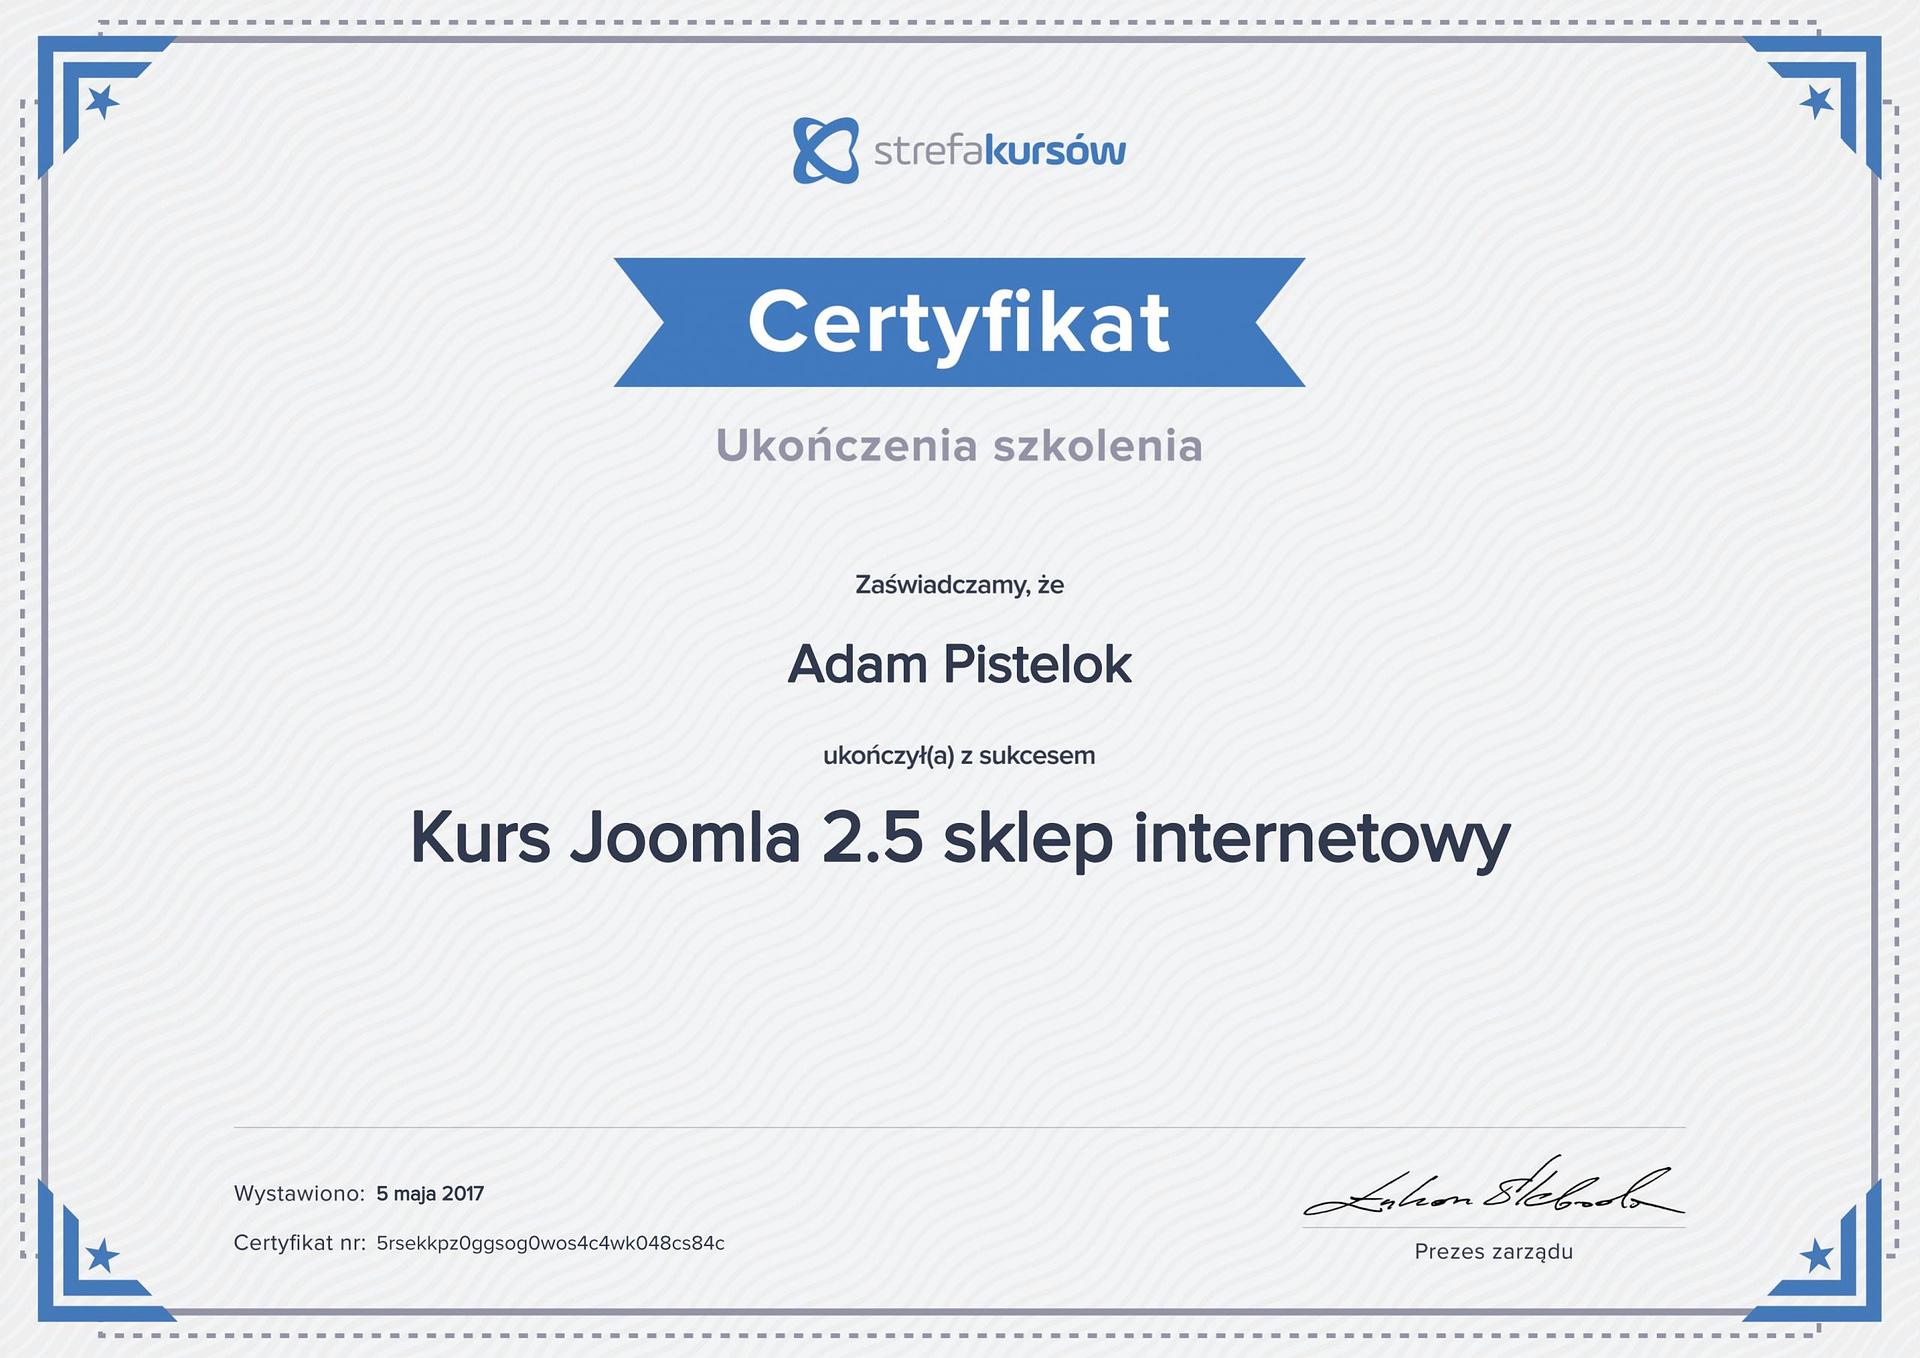 Joomla sklep internetowy 2